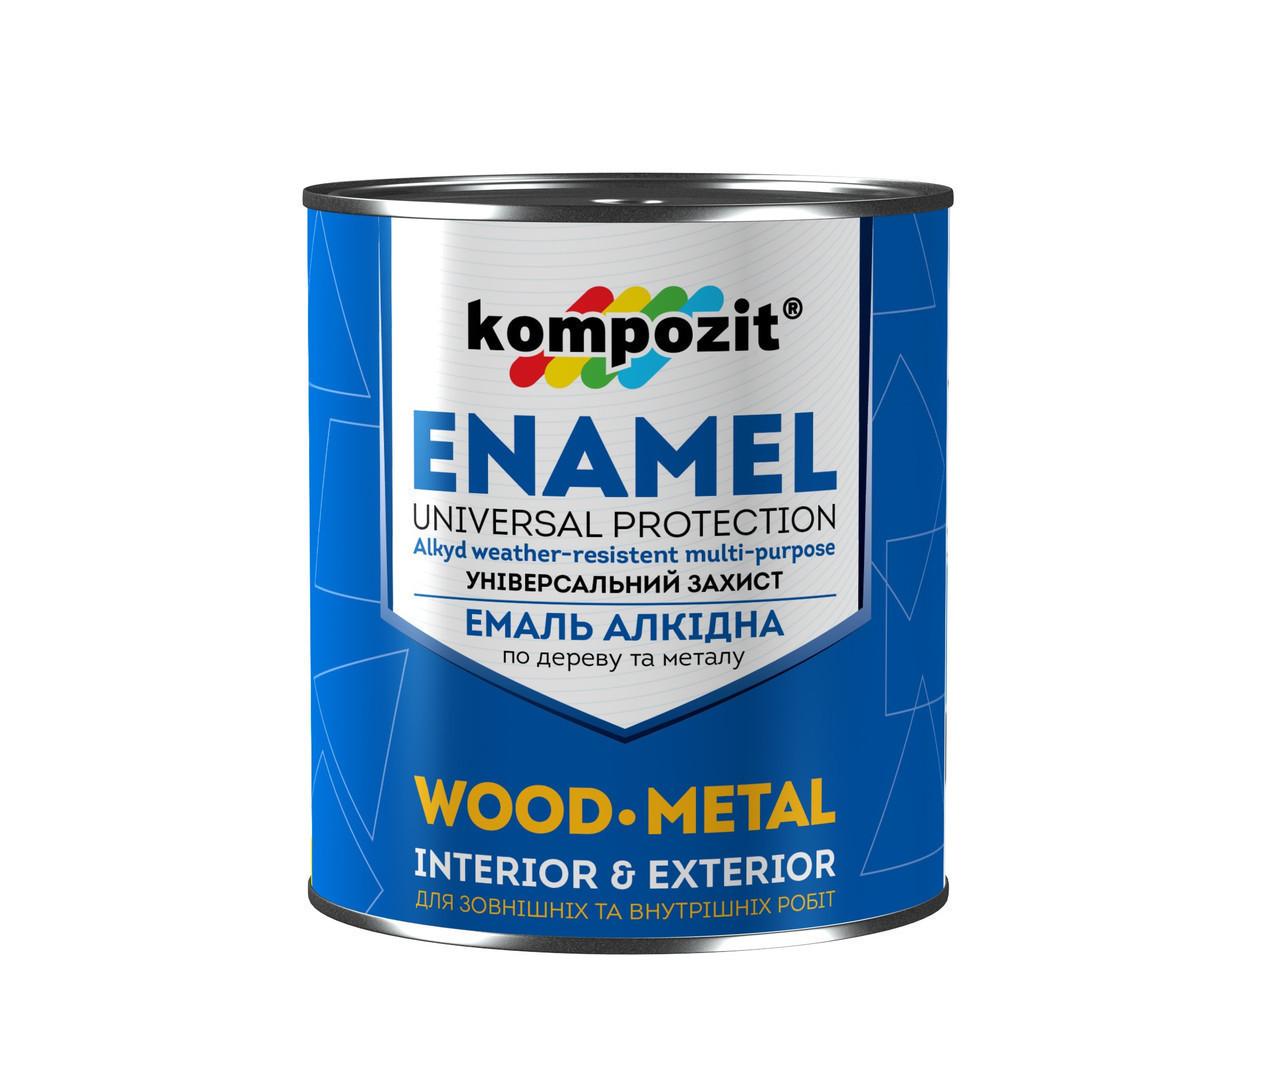 Емаль алкідна по дереву і металу Kompozit Enamel 2.8 кг Жовтий